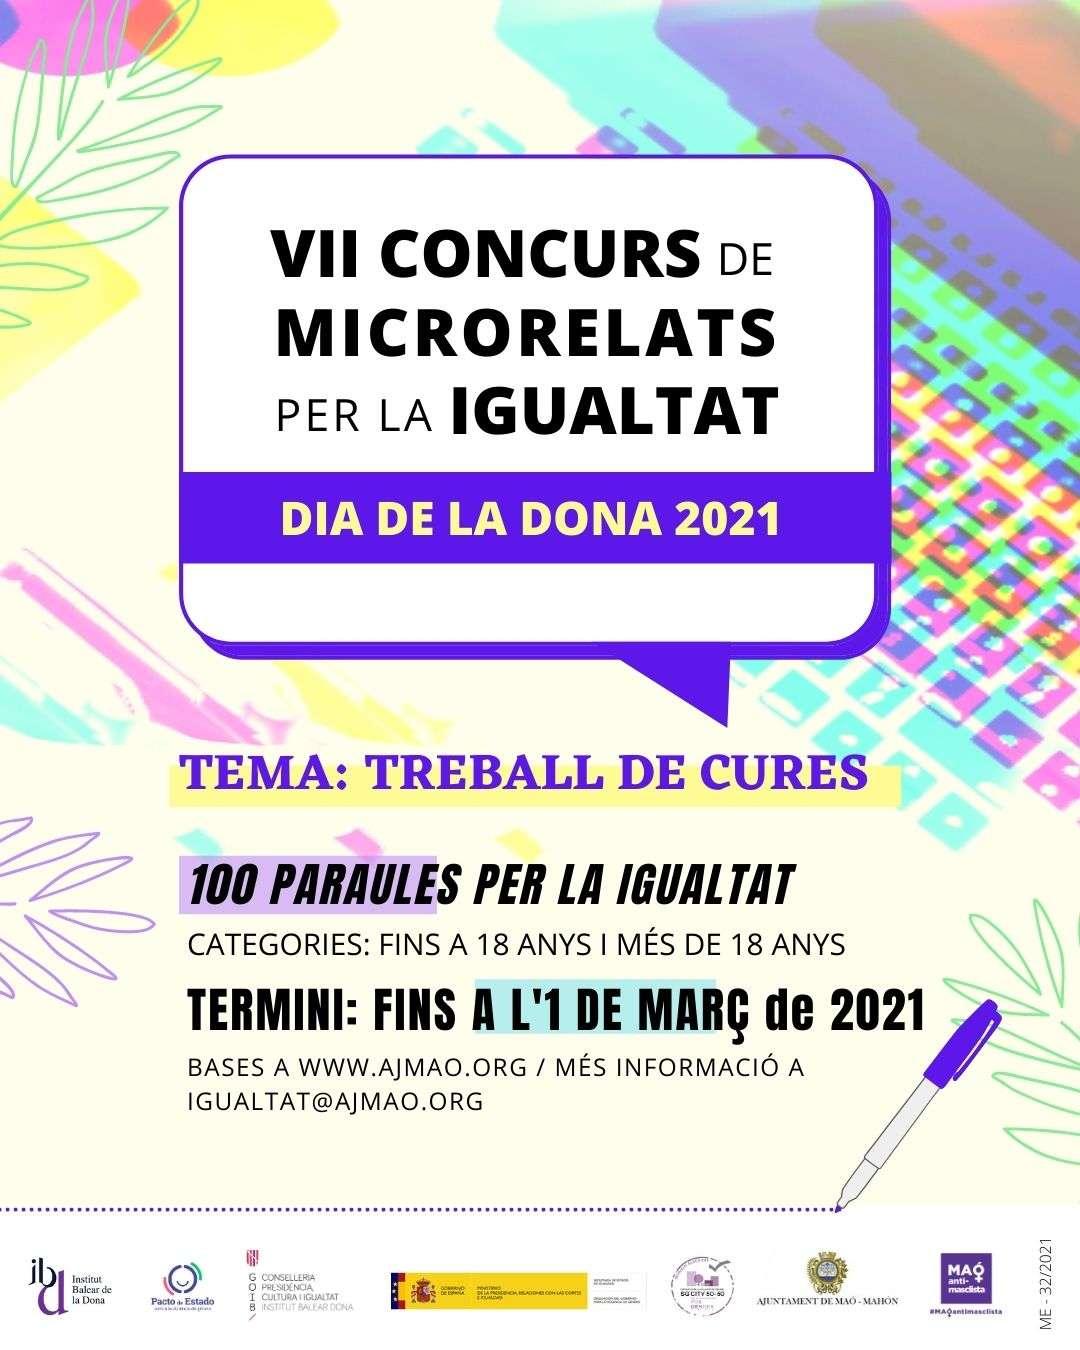 L'Ajuntament de Maó convoca el VII Concurs de Microrelats, amb motiu del Dia Internacional de la Dona